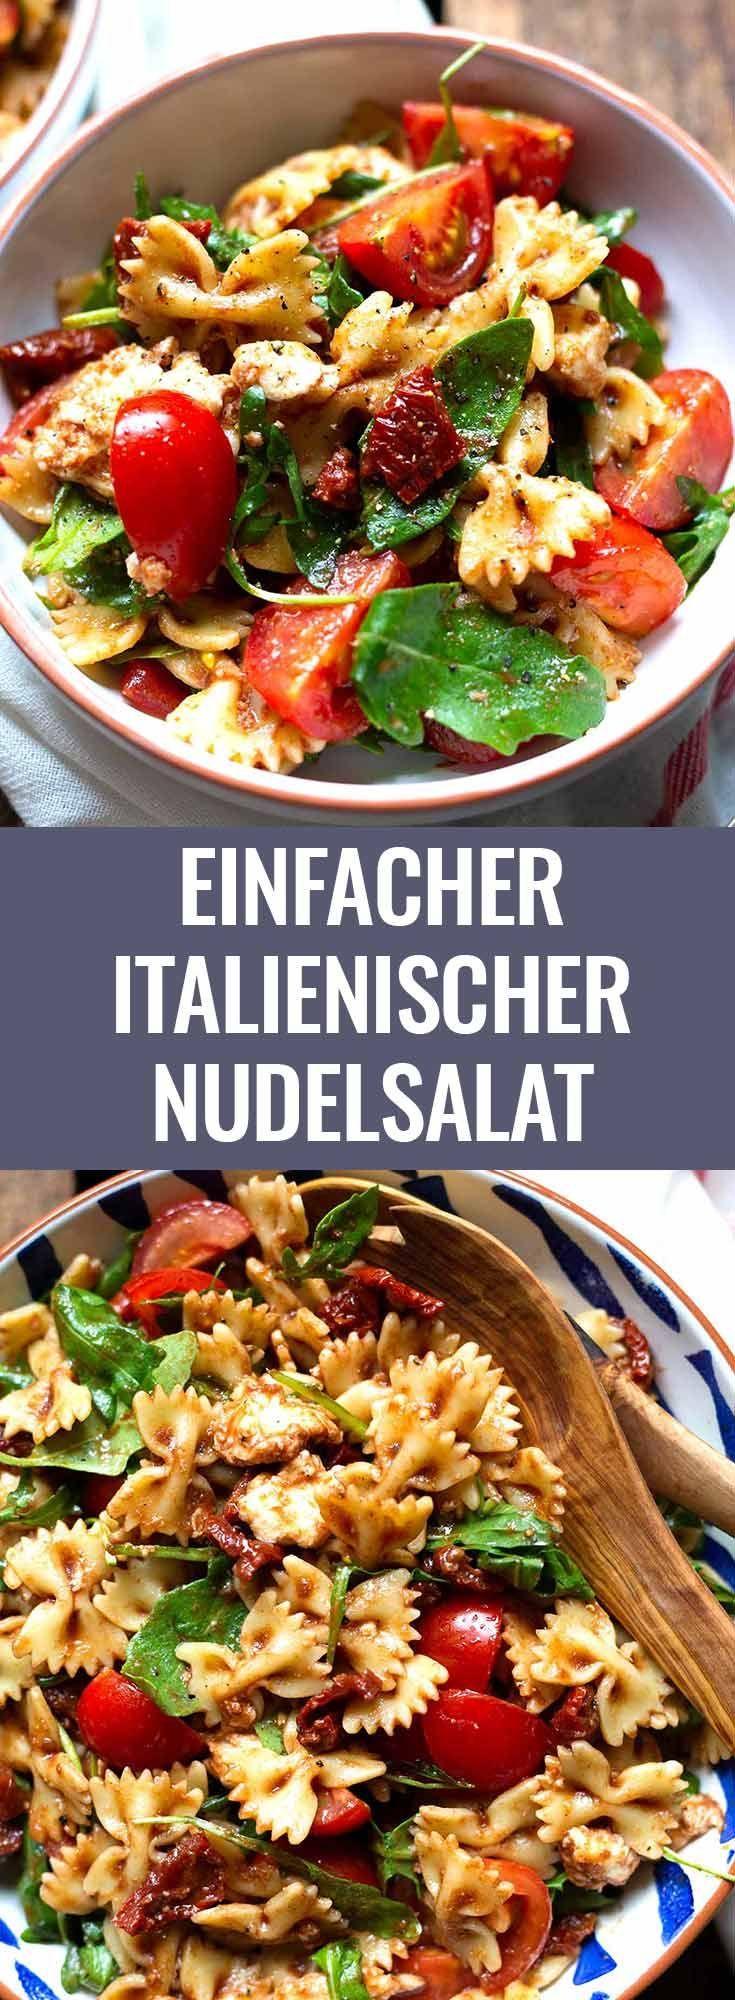 Italienischer Nudelsalat mit Tomaten, Rucola und Mozzarella